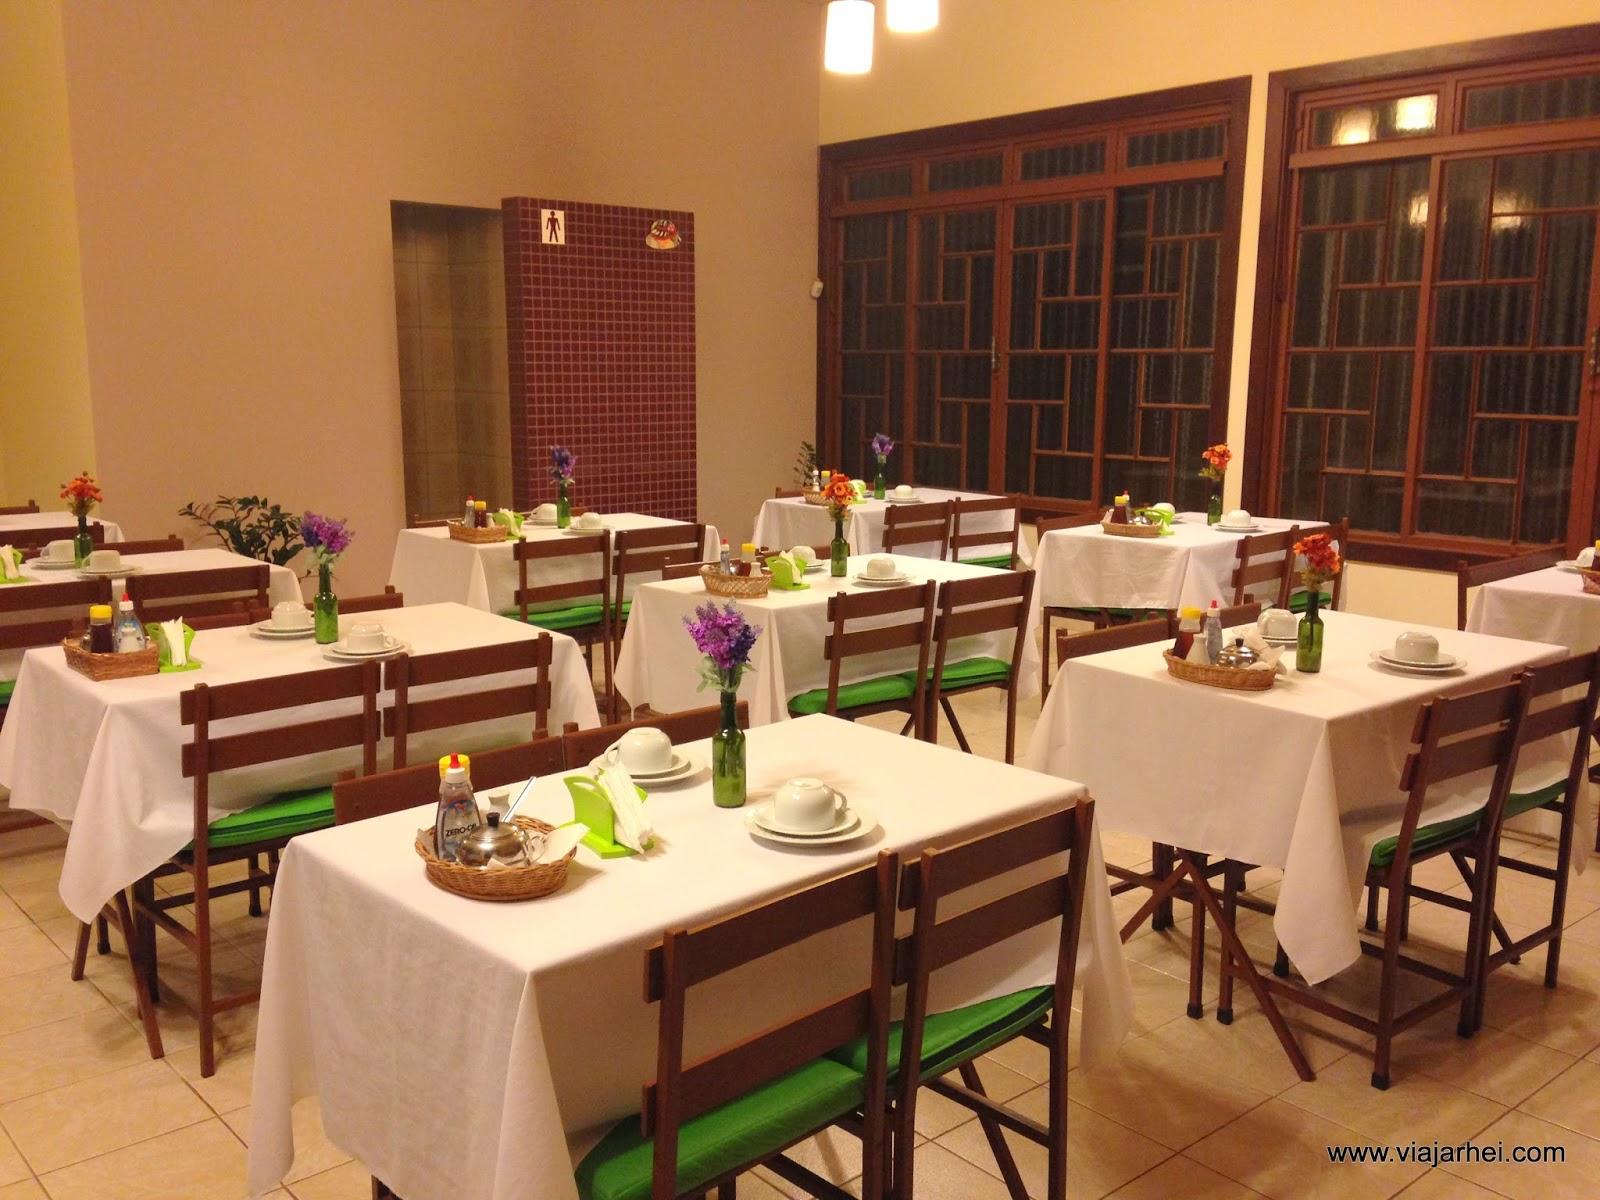 Gostosa servindo no restaurante cuzuda - 3 9